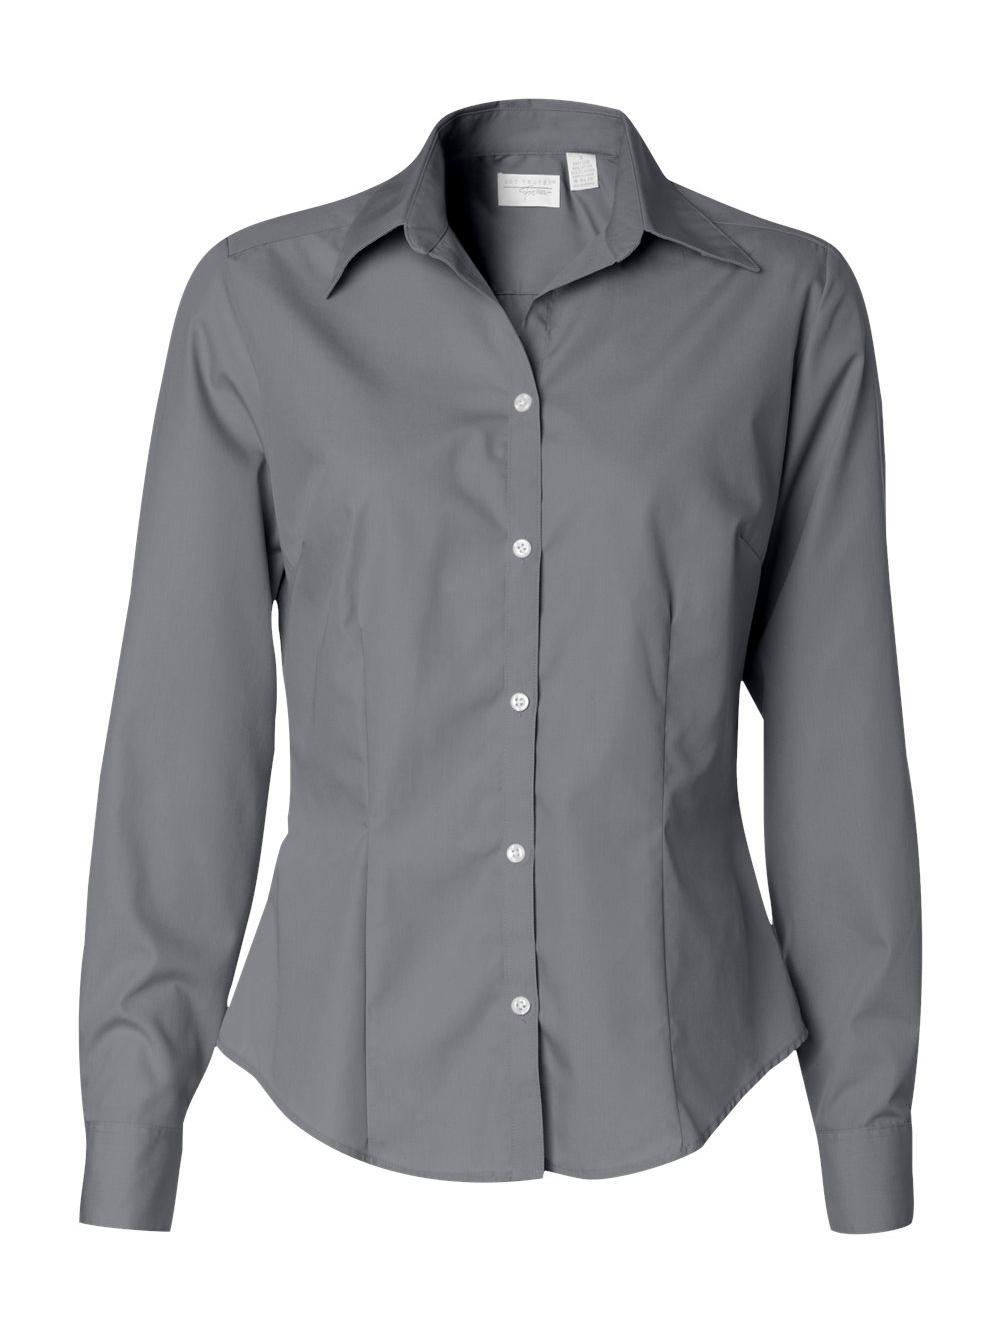 Van-Heusen-Women-039-s-Silky-Poplin-Shirt-13V0114 thumbnail 12